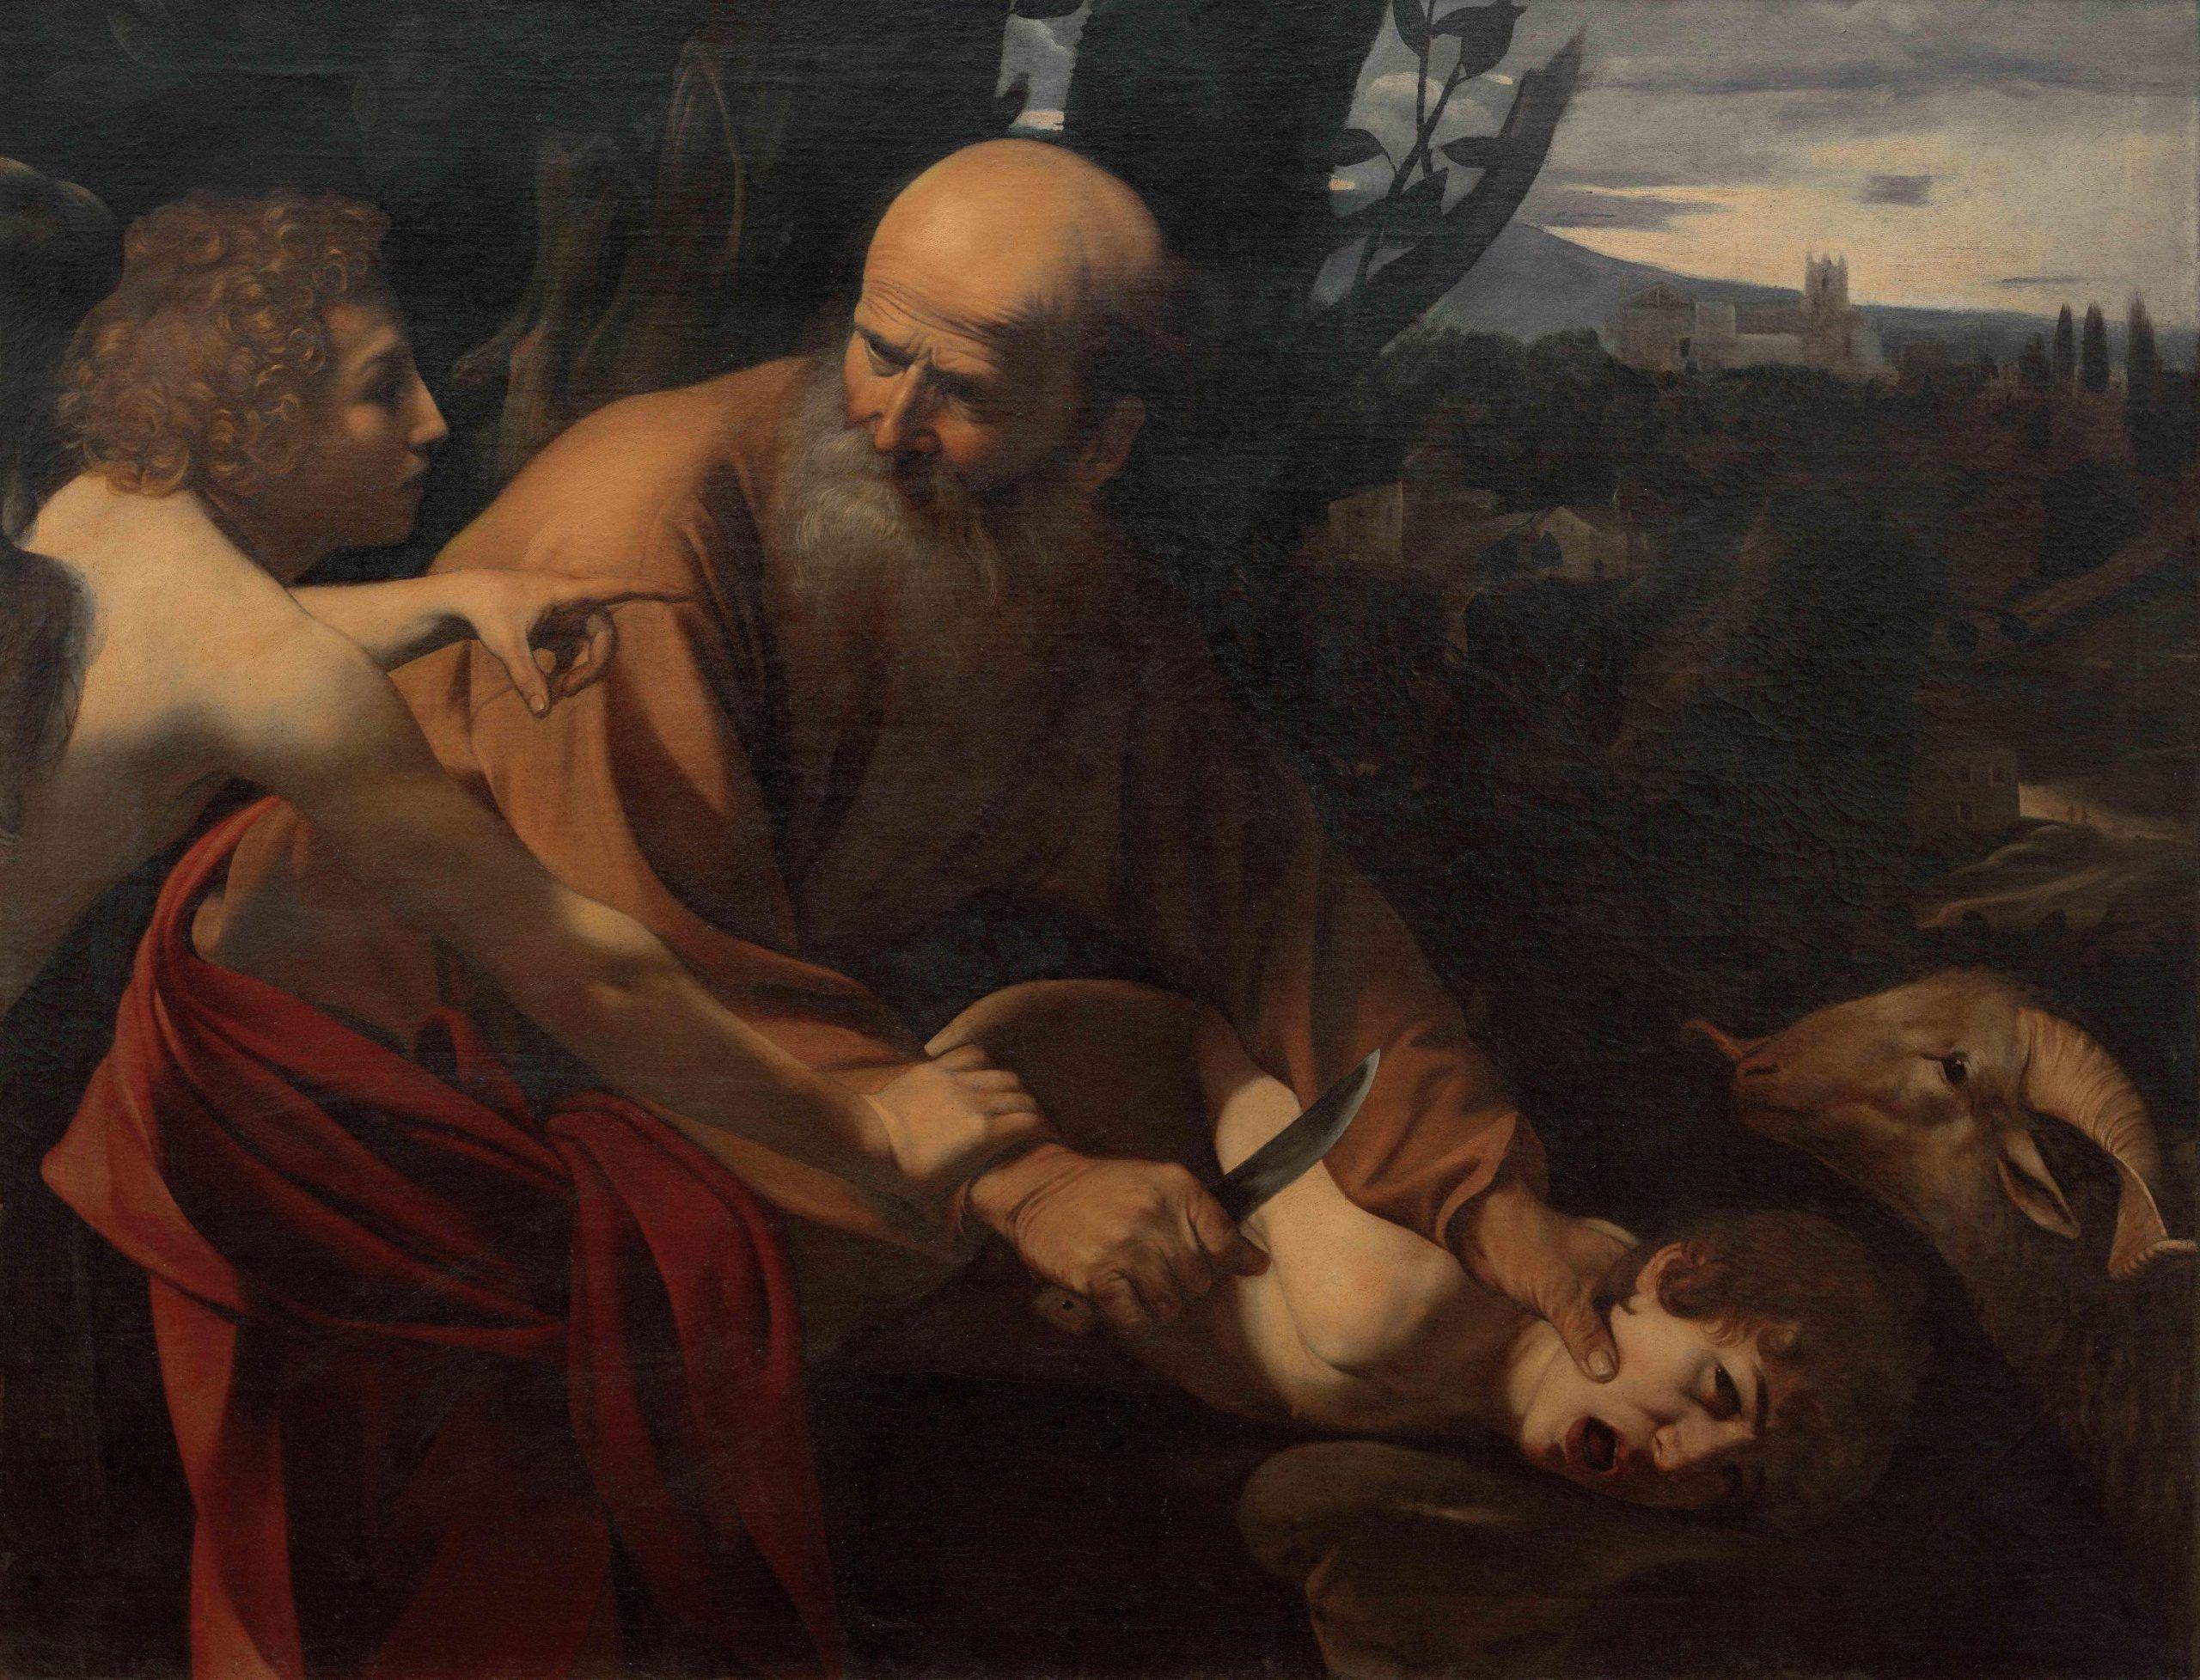 Mostra Caravaggio Milano: a Palazzo Reale, dal 29 settembre al 28 gennaio 2018